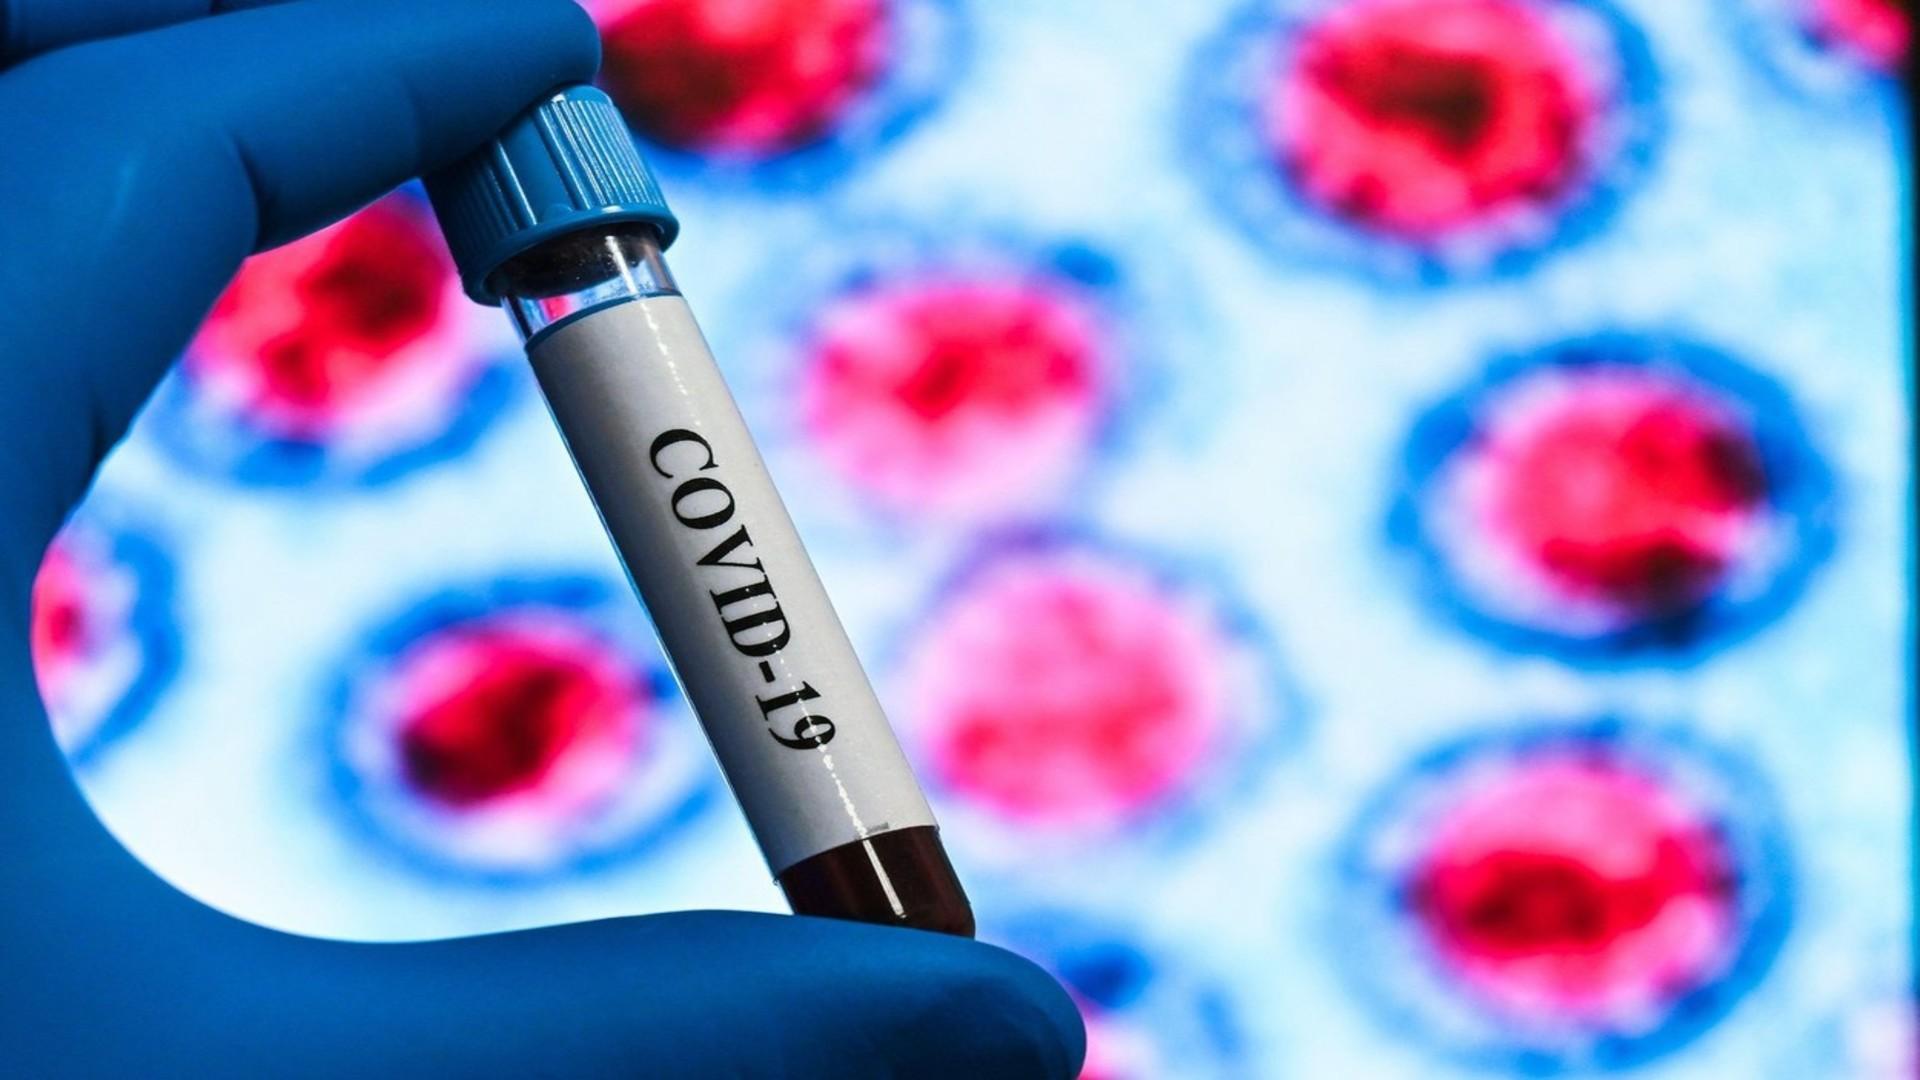 Dezvăluirile epidemiologilor: ne îmbolnăvim mai ușor de coronavirus acasă, decât în afara locuinței